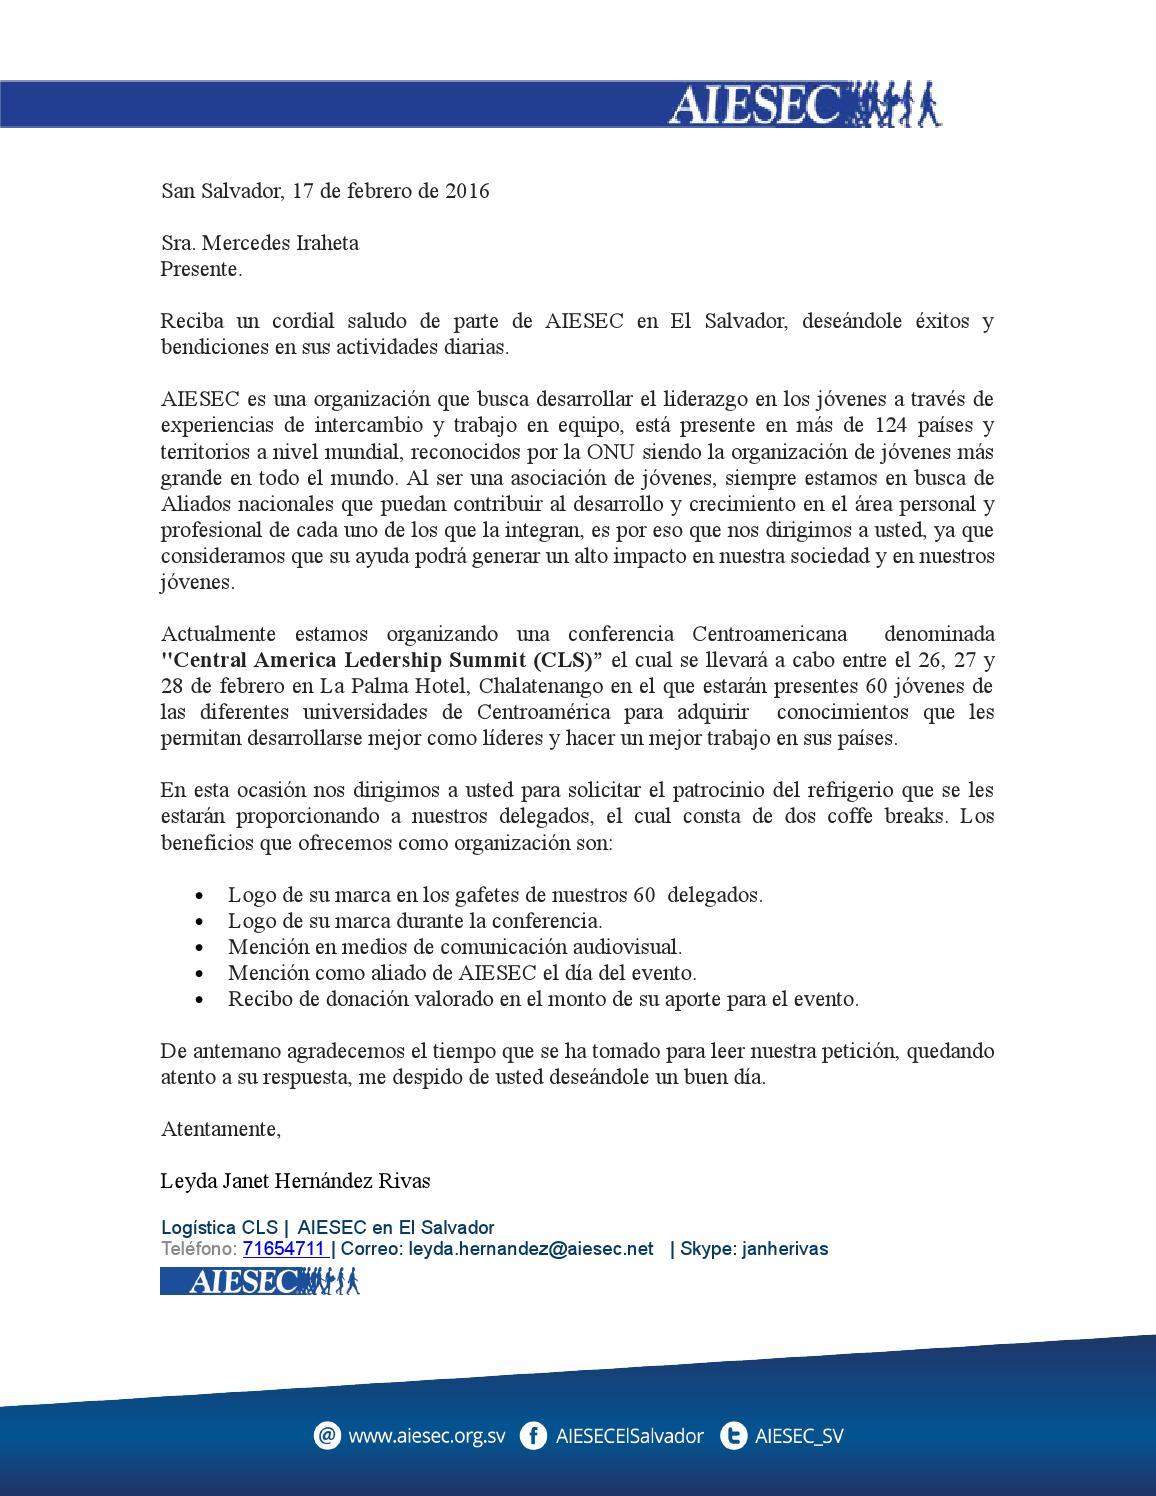 carta patrocinio by josue sanchez